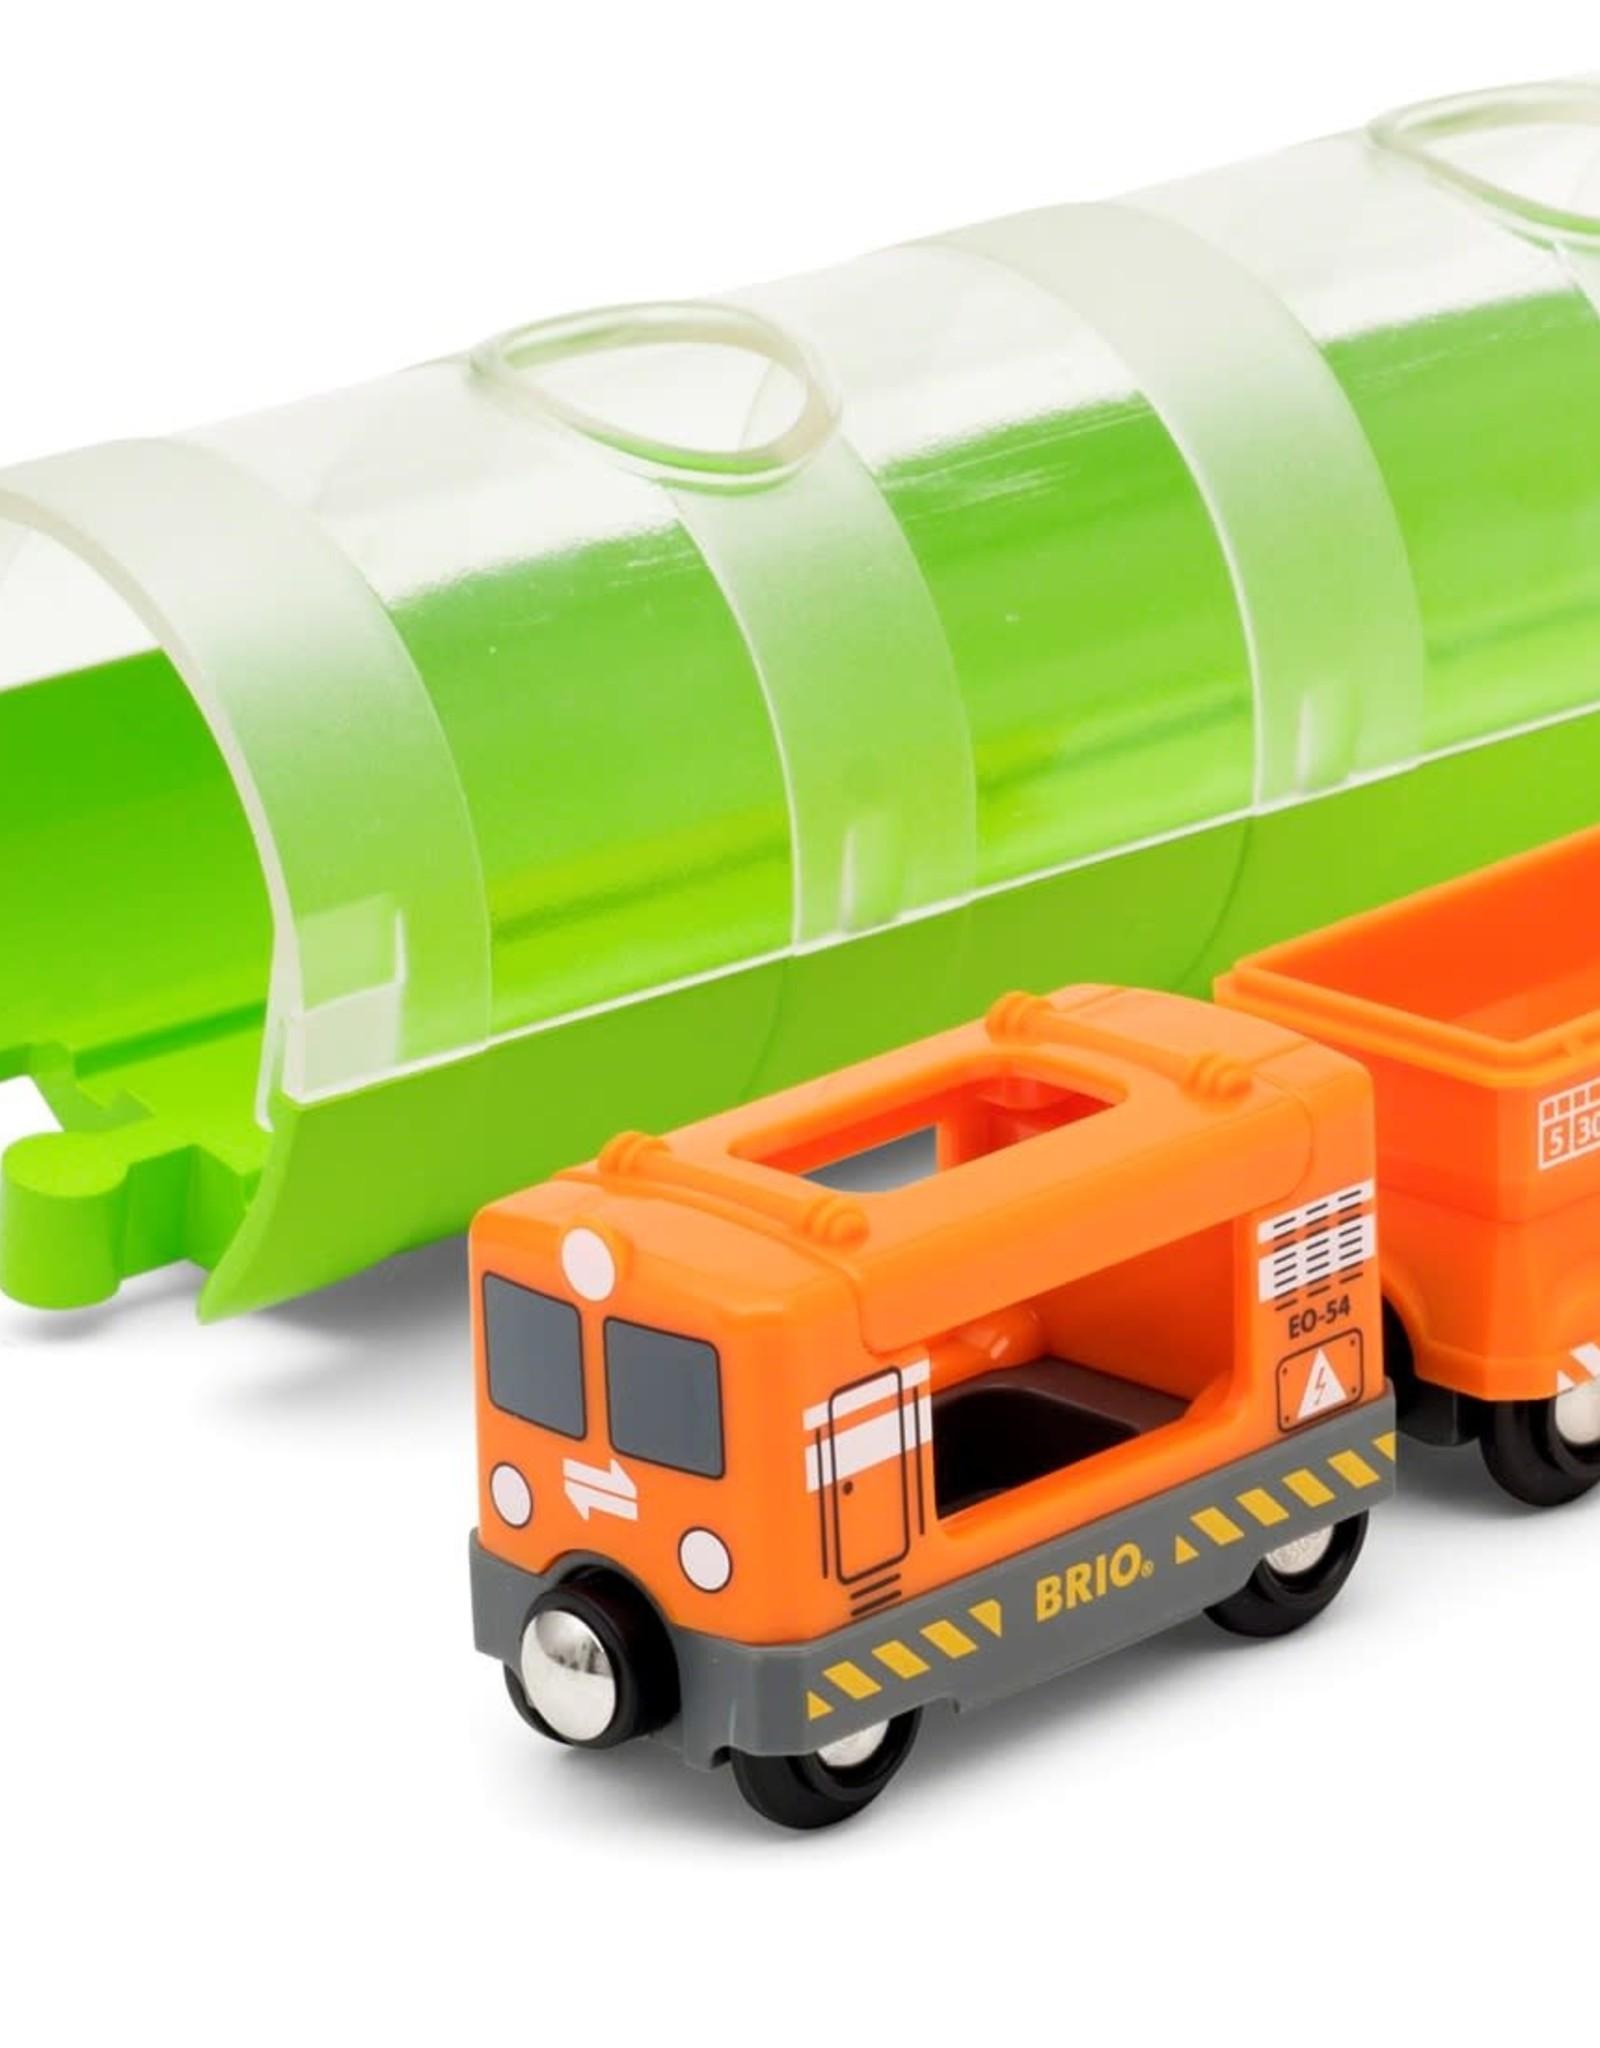 Brio Cargo Train & Tunnel